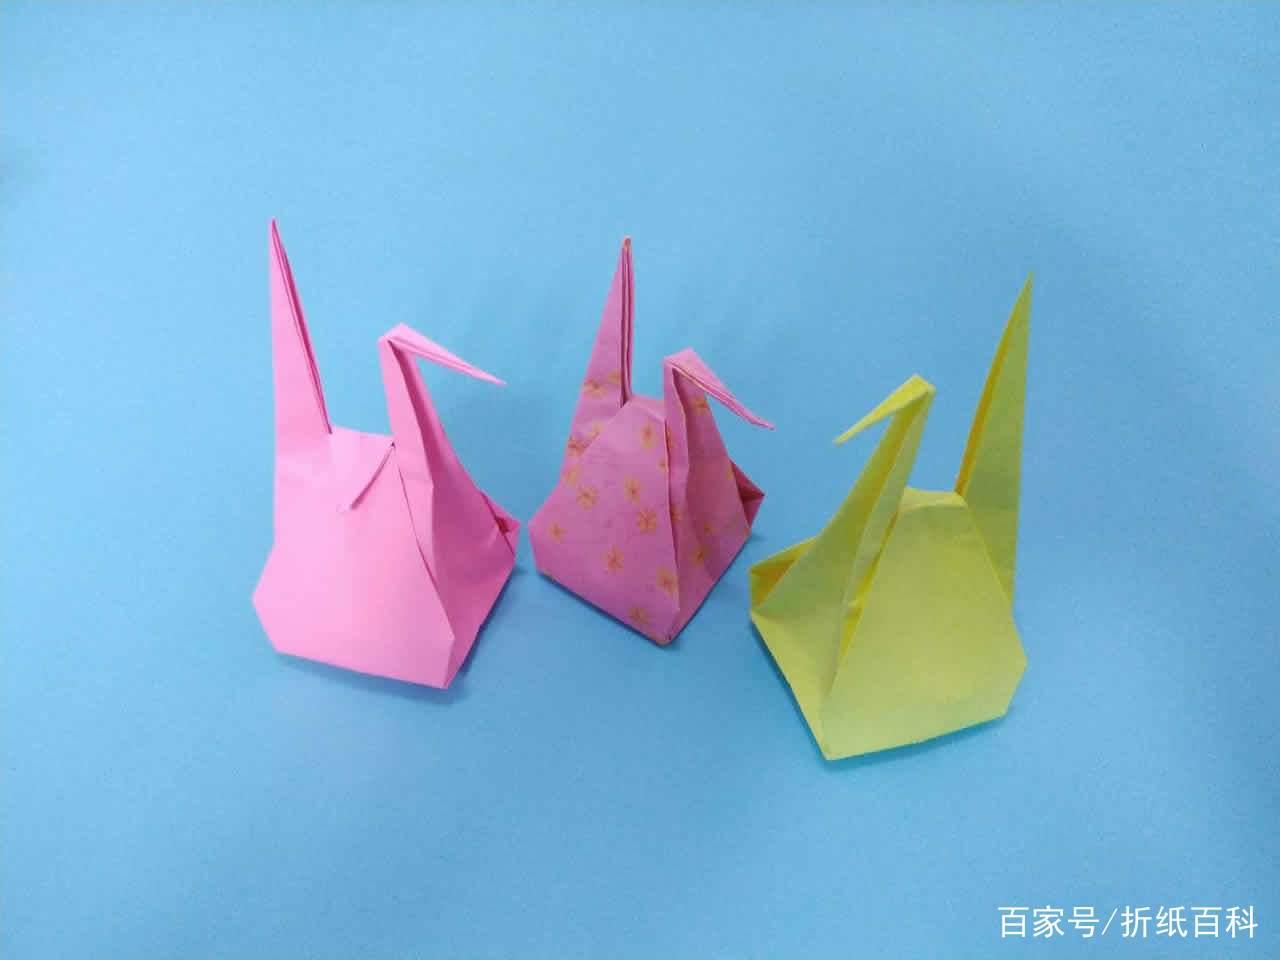 漂亮的千纸鹤收纳盒折纸,简单几步就做好,手工diy折纸